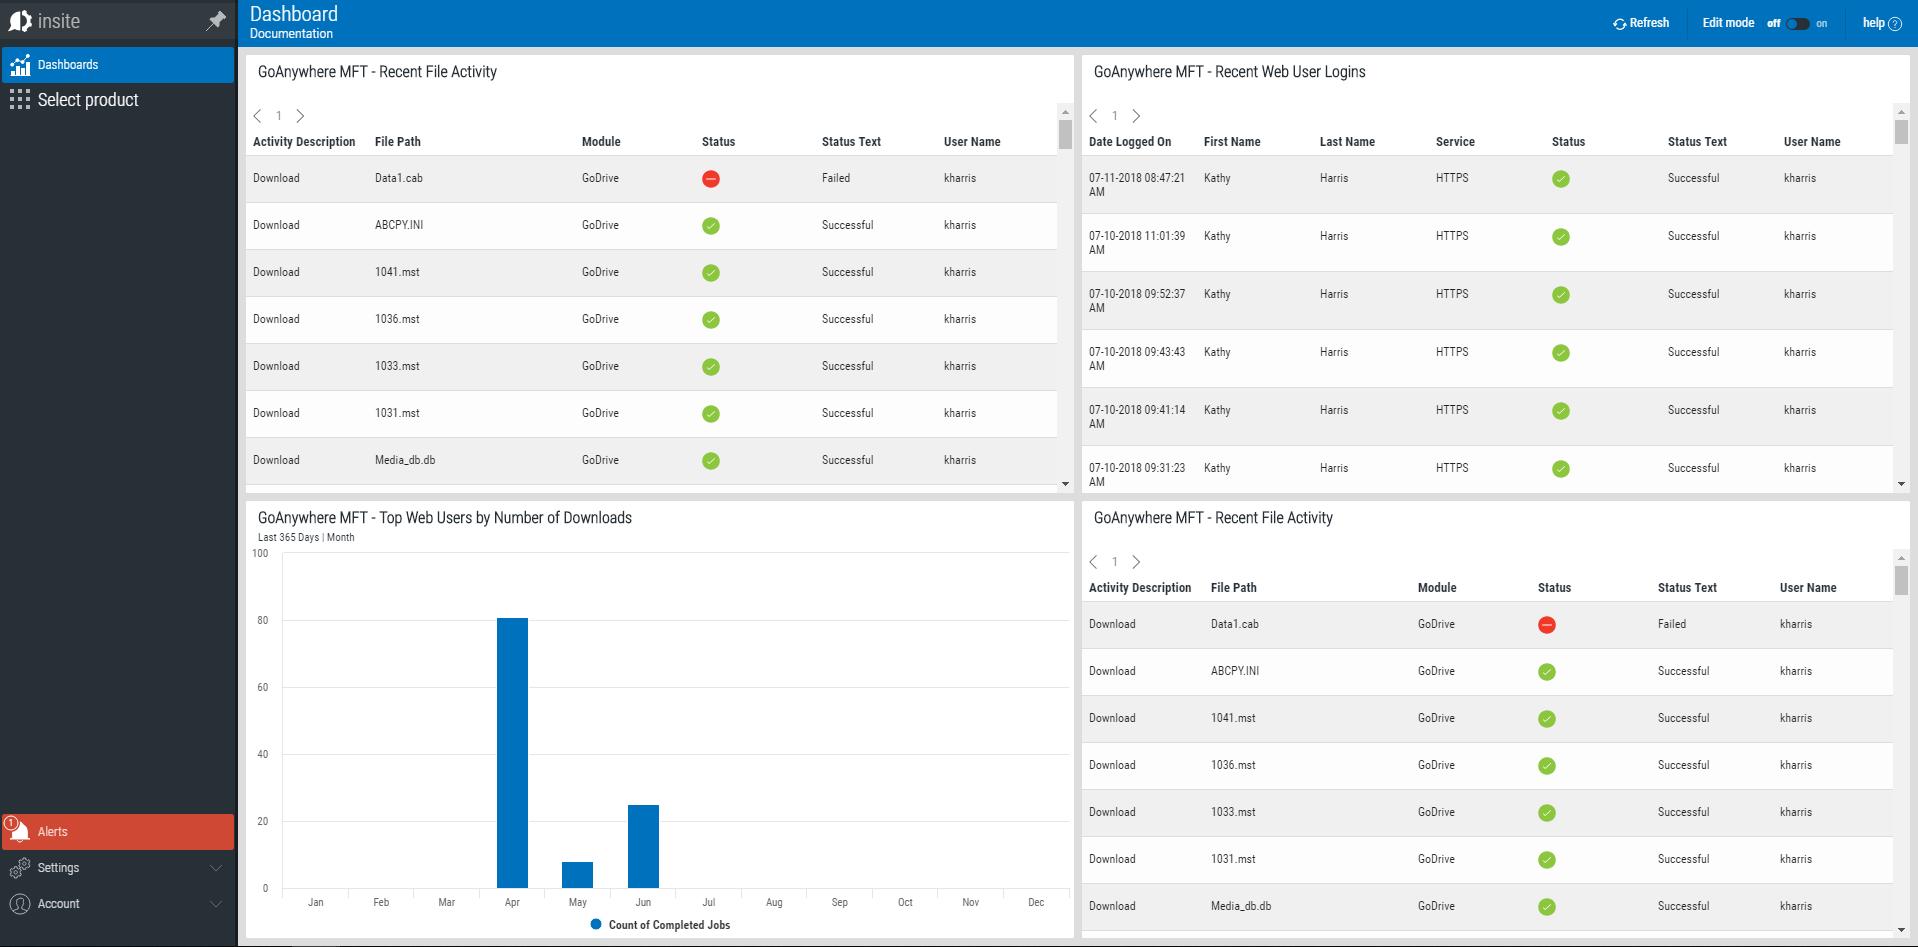 GoAnywhere MFT dashboard in Insite